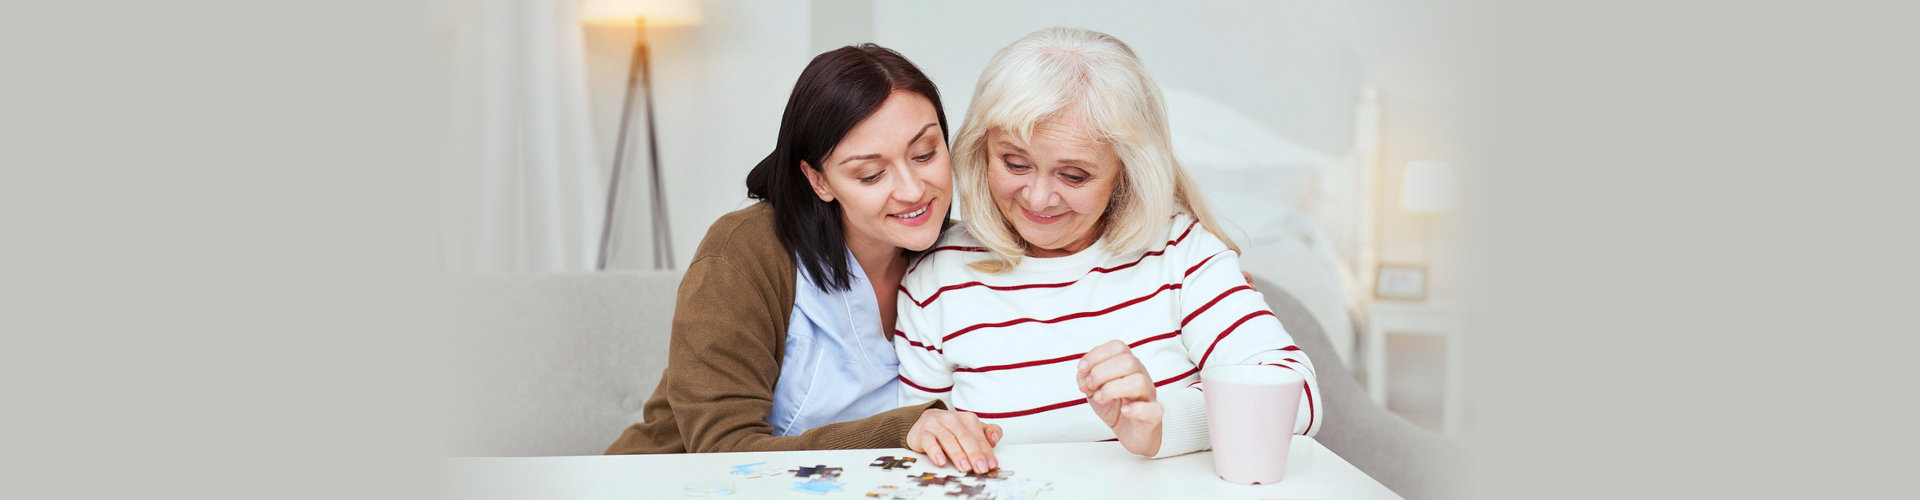 elder woman with caregiver solving a puzzle concept